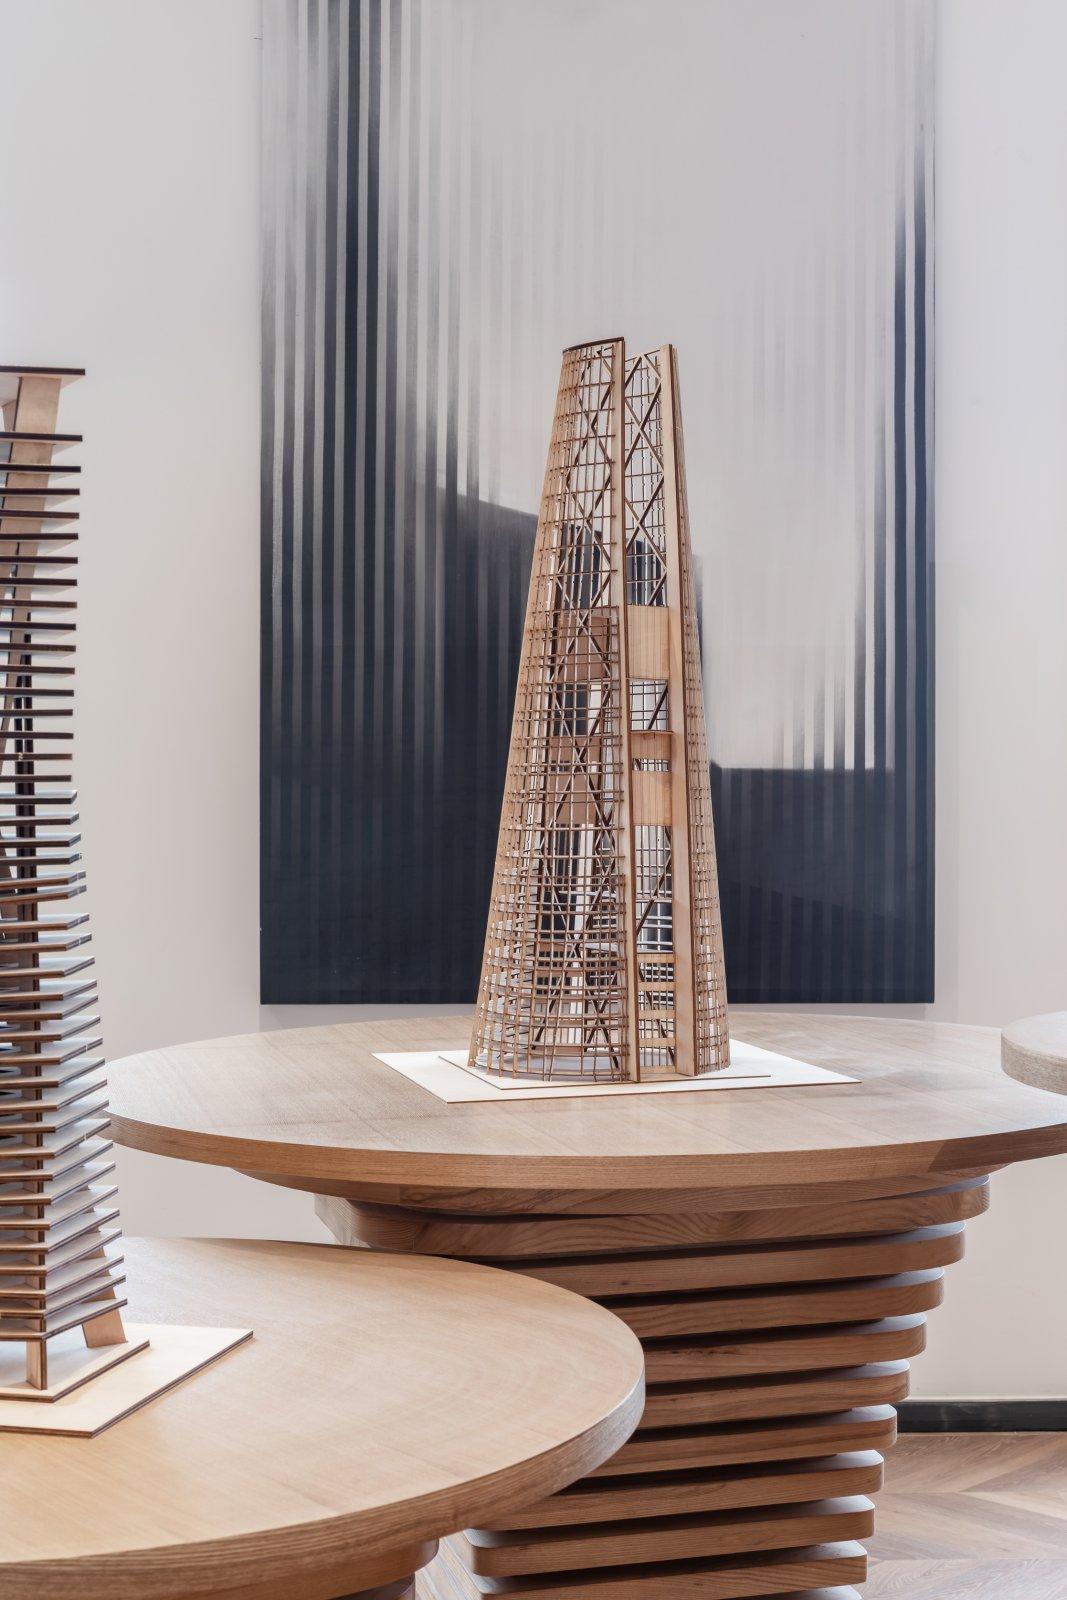 运用点、线、面元素,建筑结构美学  - 13